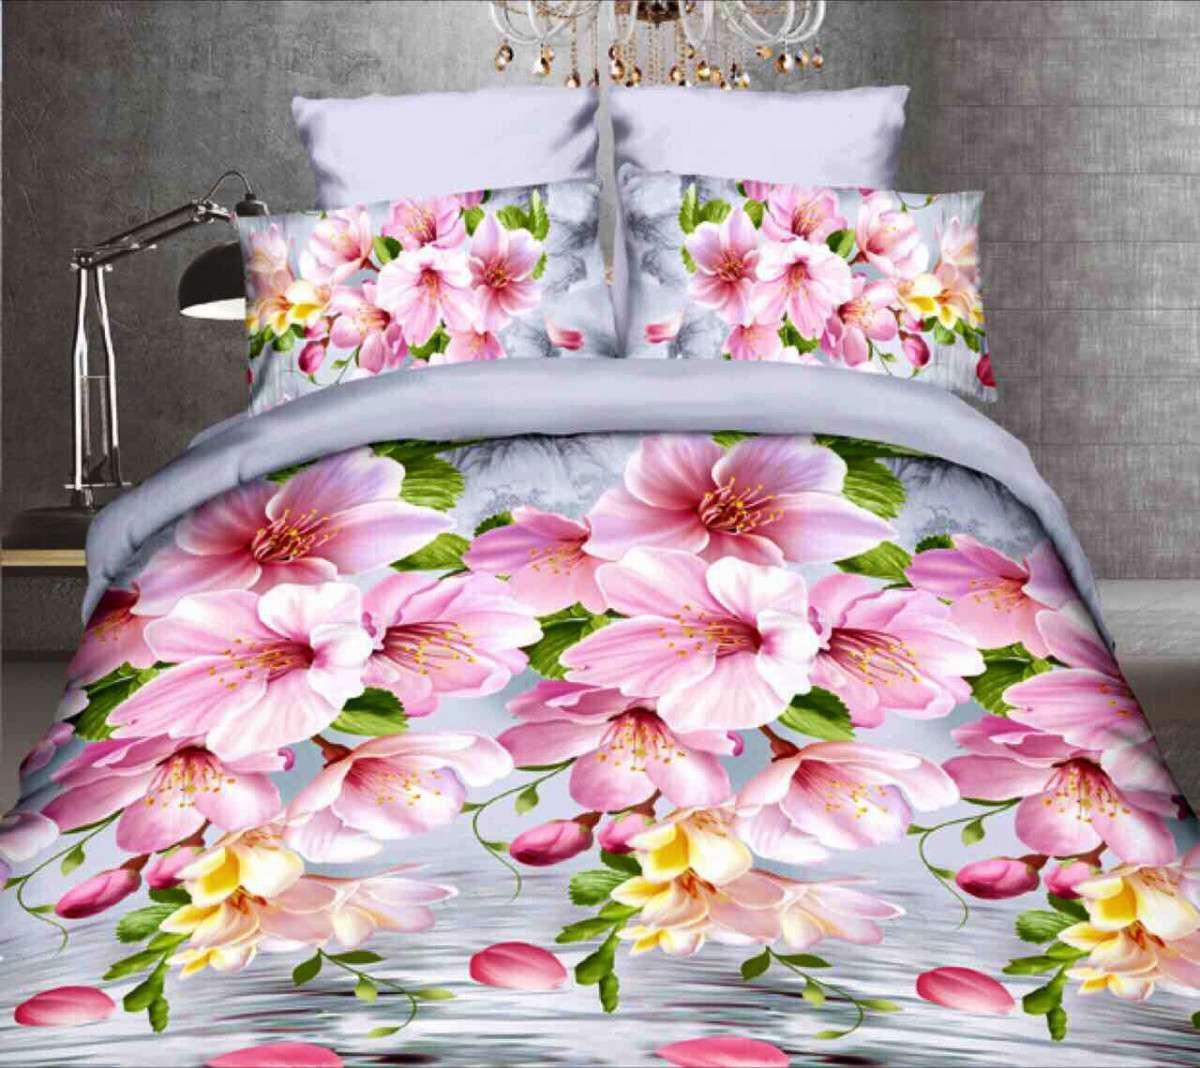 Комплект постельного белья от украинского производителя Polycotton Полуторный T-90959